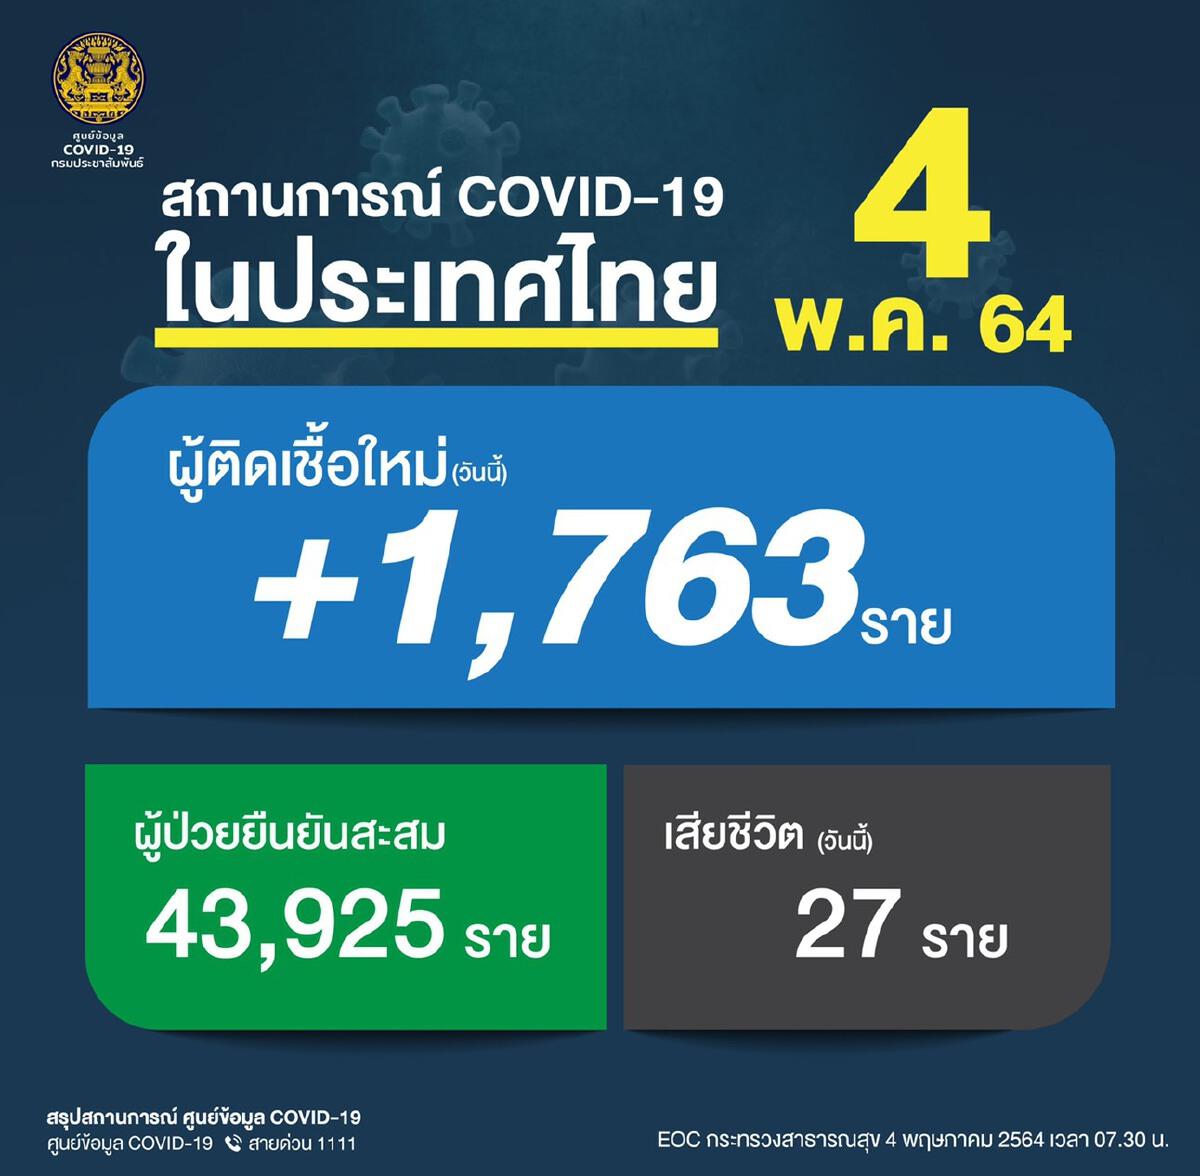 โควิดวันนี้ยังน่าห่วง ดับเพิ่ม 27 ราย ติดเชื้อใหม่ 1,763 ราย